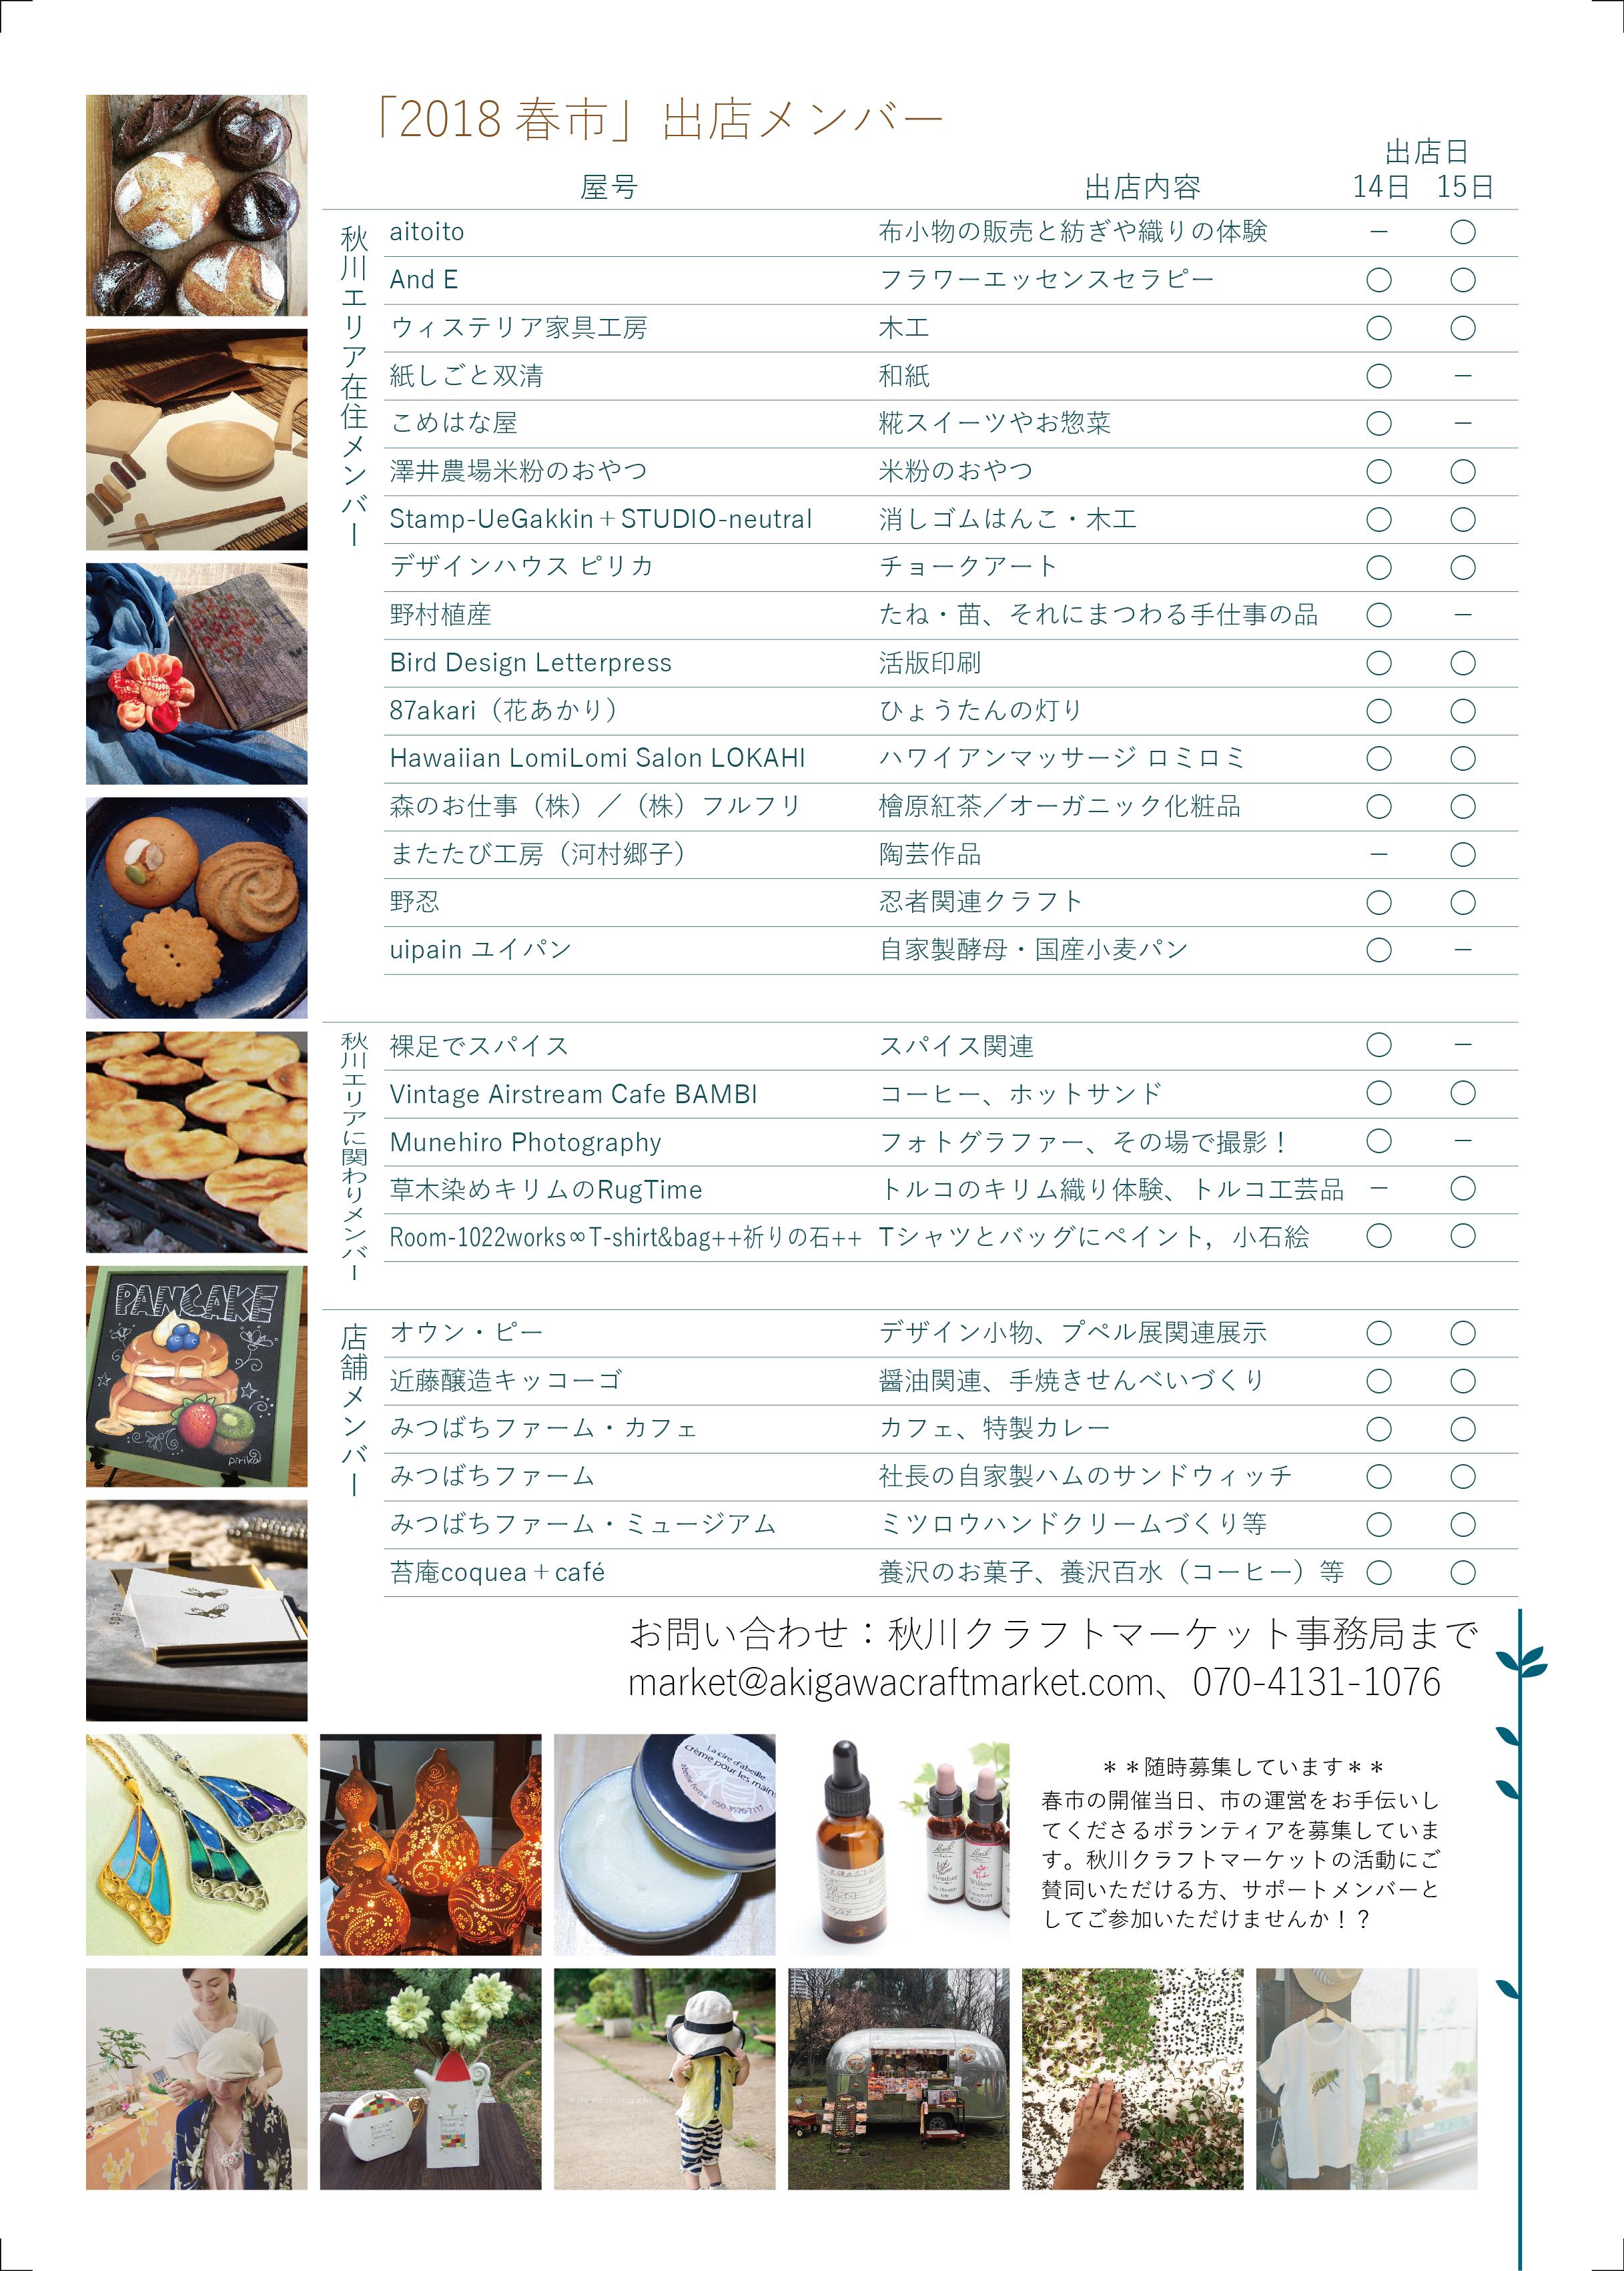 秋川クラフトマーケット 春市2018 チラシ裏